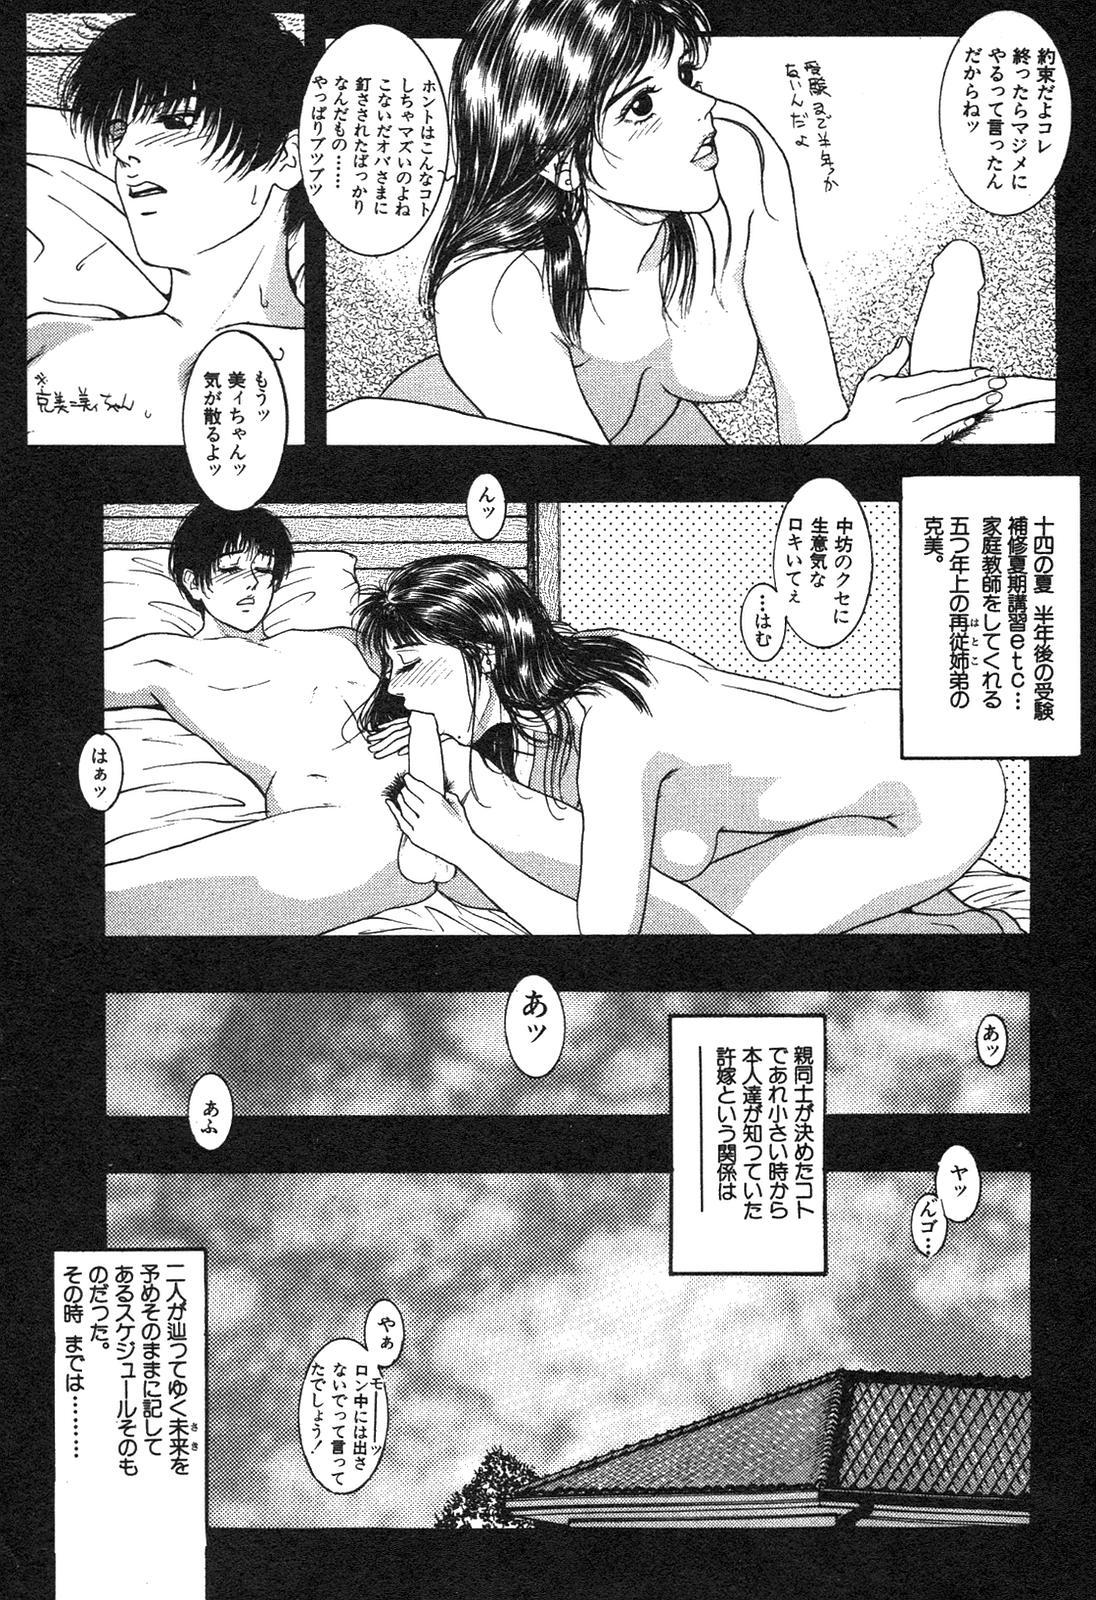 Shin Bishoujo Shoukougun 3 Yamato hen 171